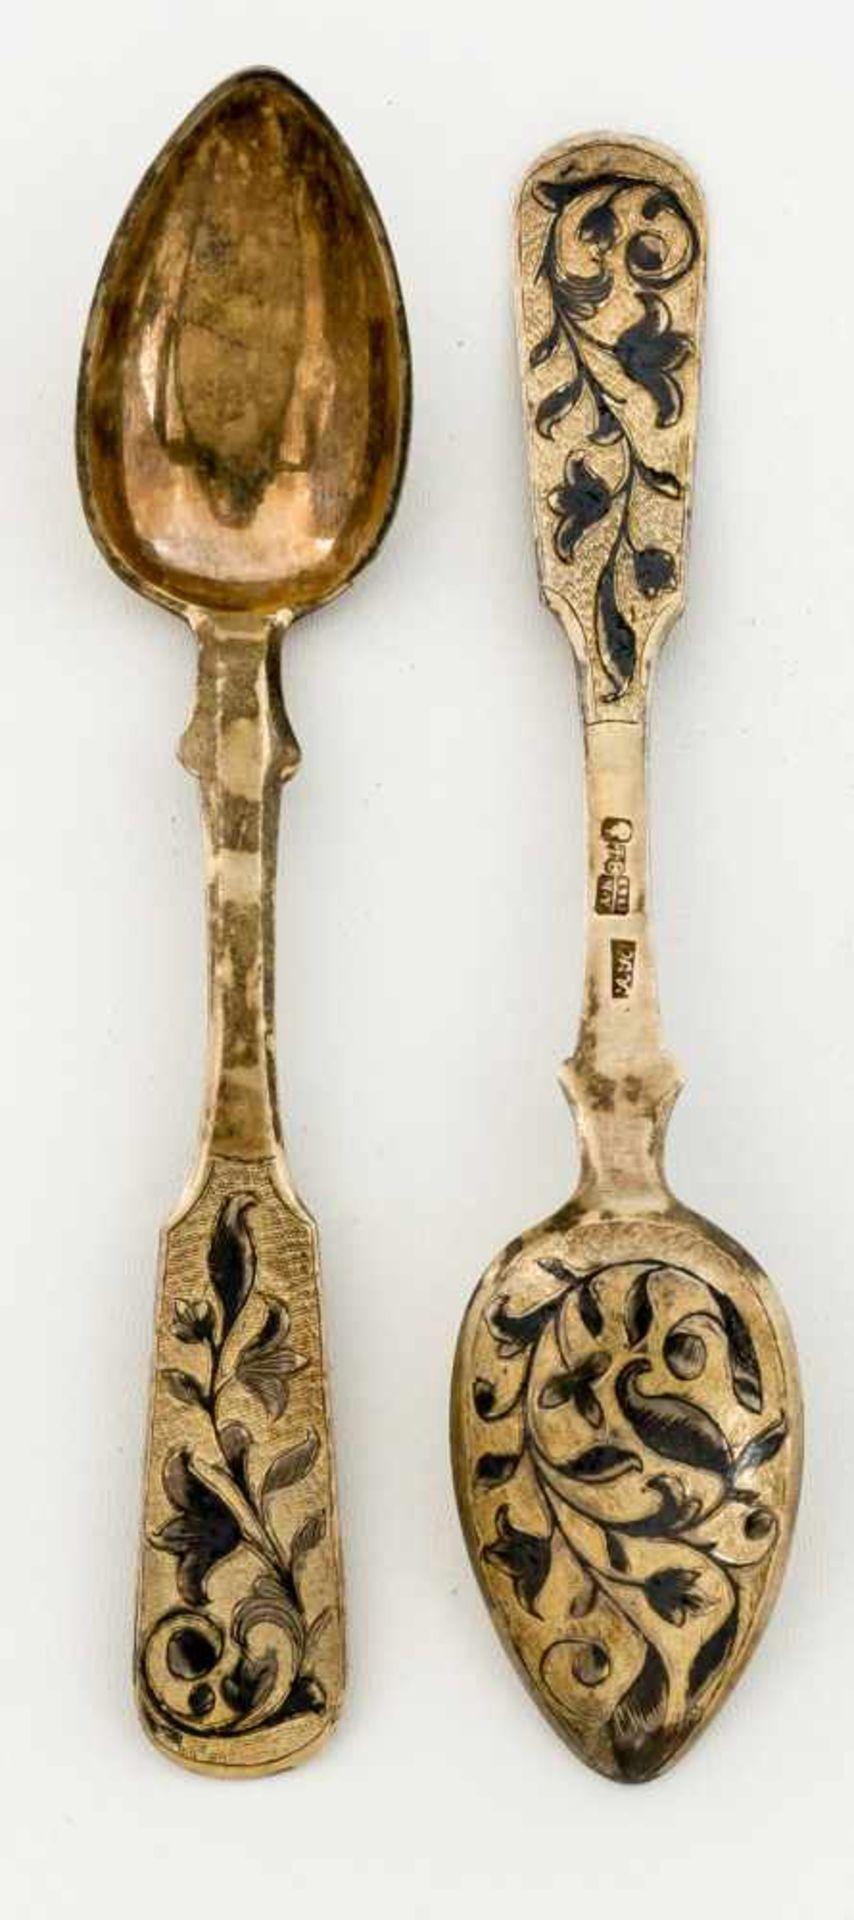 Zwei Löffel mit Niellodekor Russland, Silber vergoldet (zus. 52g), Moskau 1842 Beschaumeister: